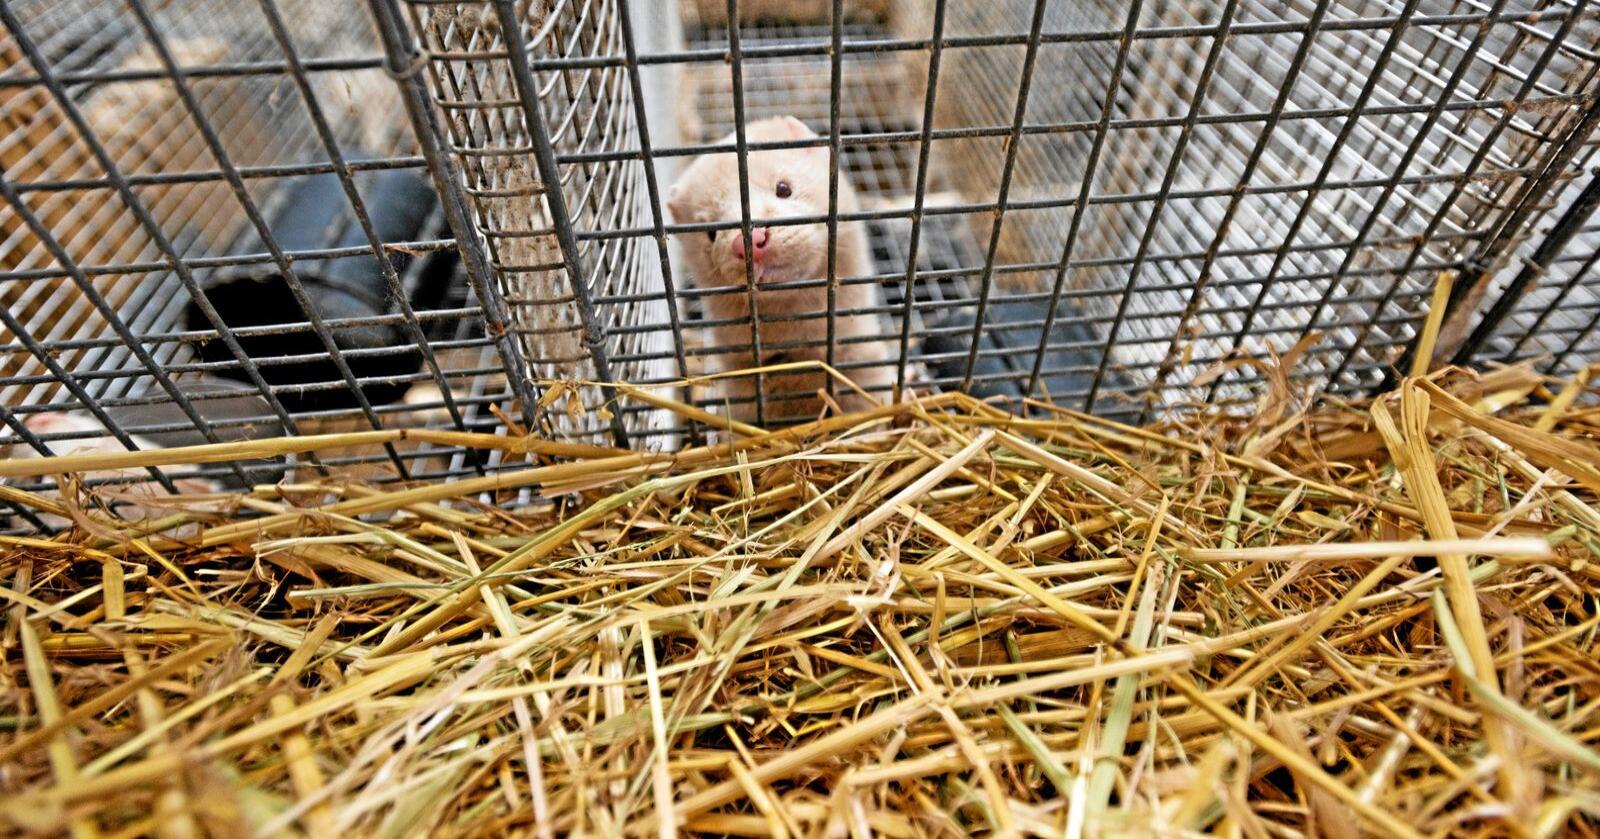 Kompensasjon: Frp sikra betre kompensasjon til pelsnæringa etter ny avtale med regjeringa. Foto: Håvard Zeiner